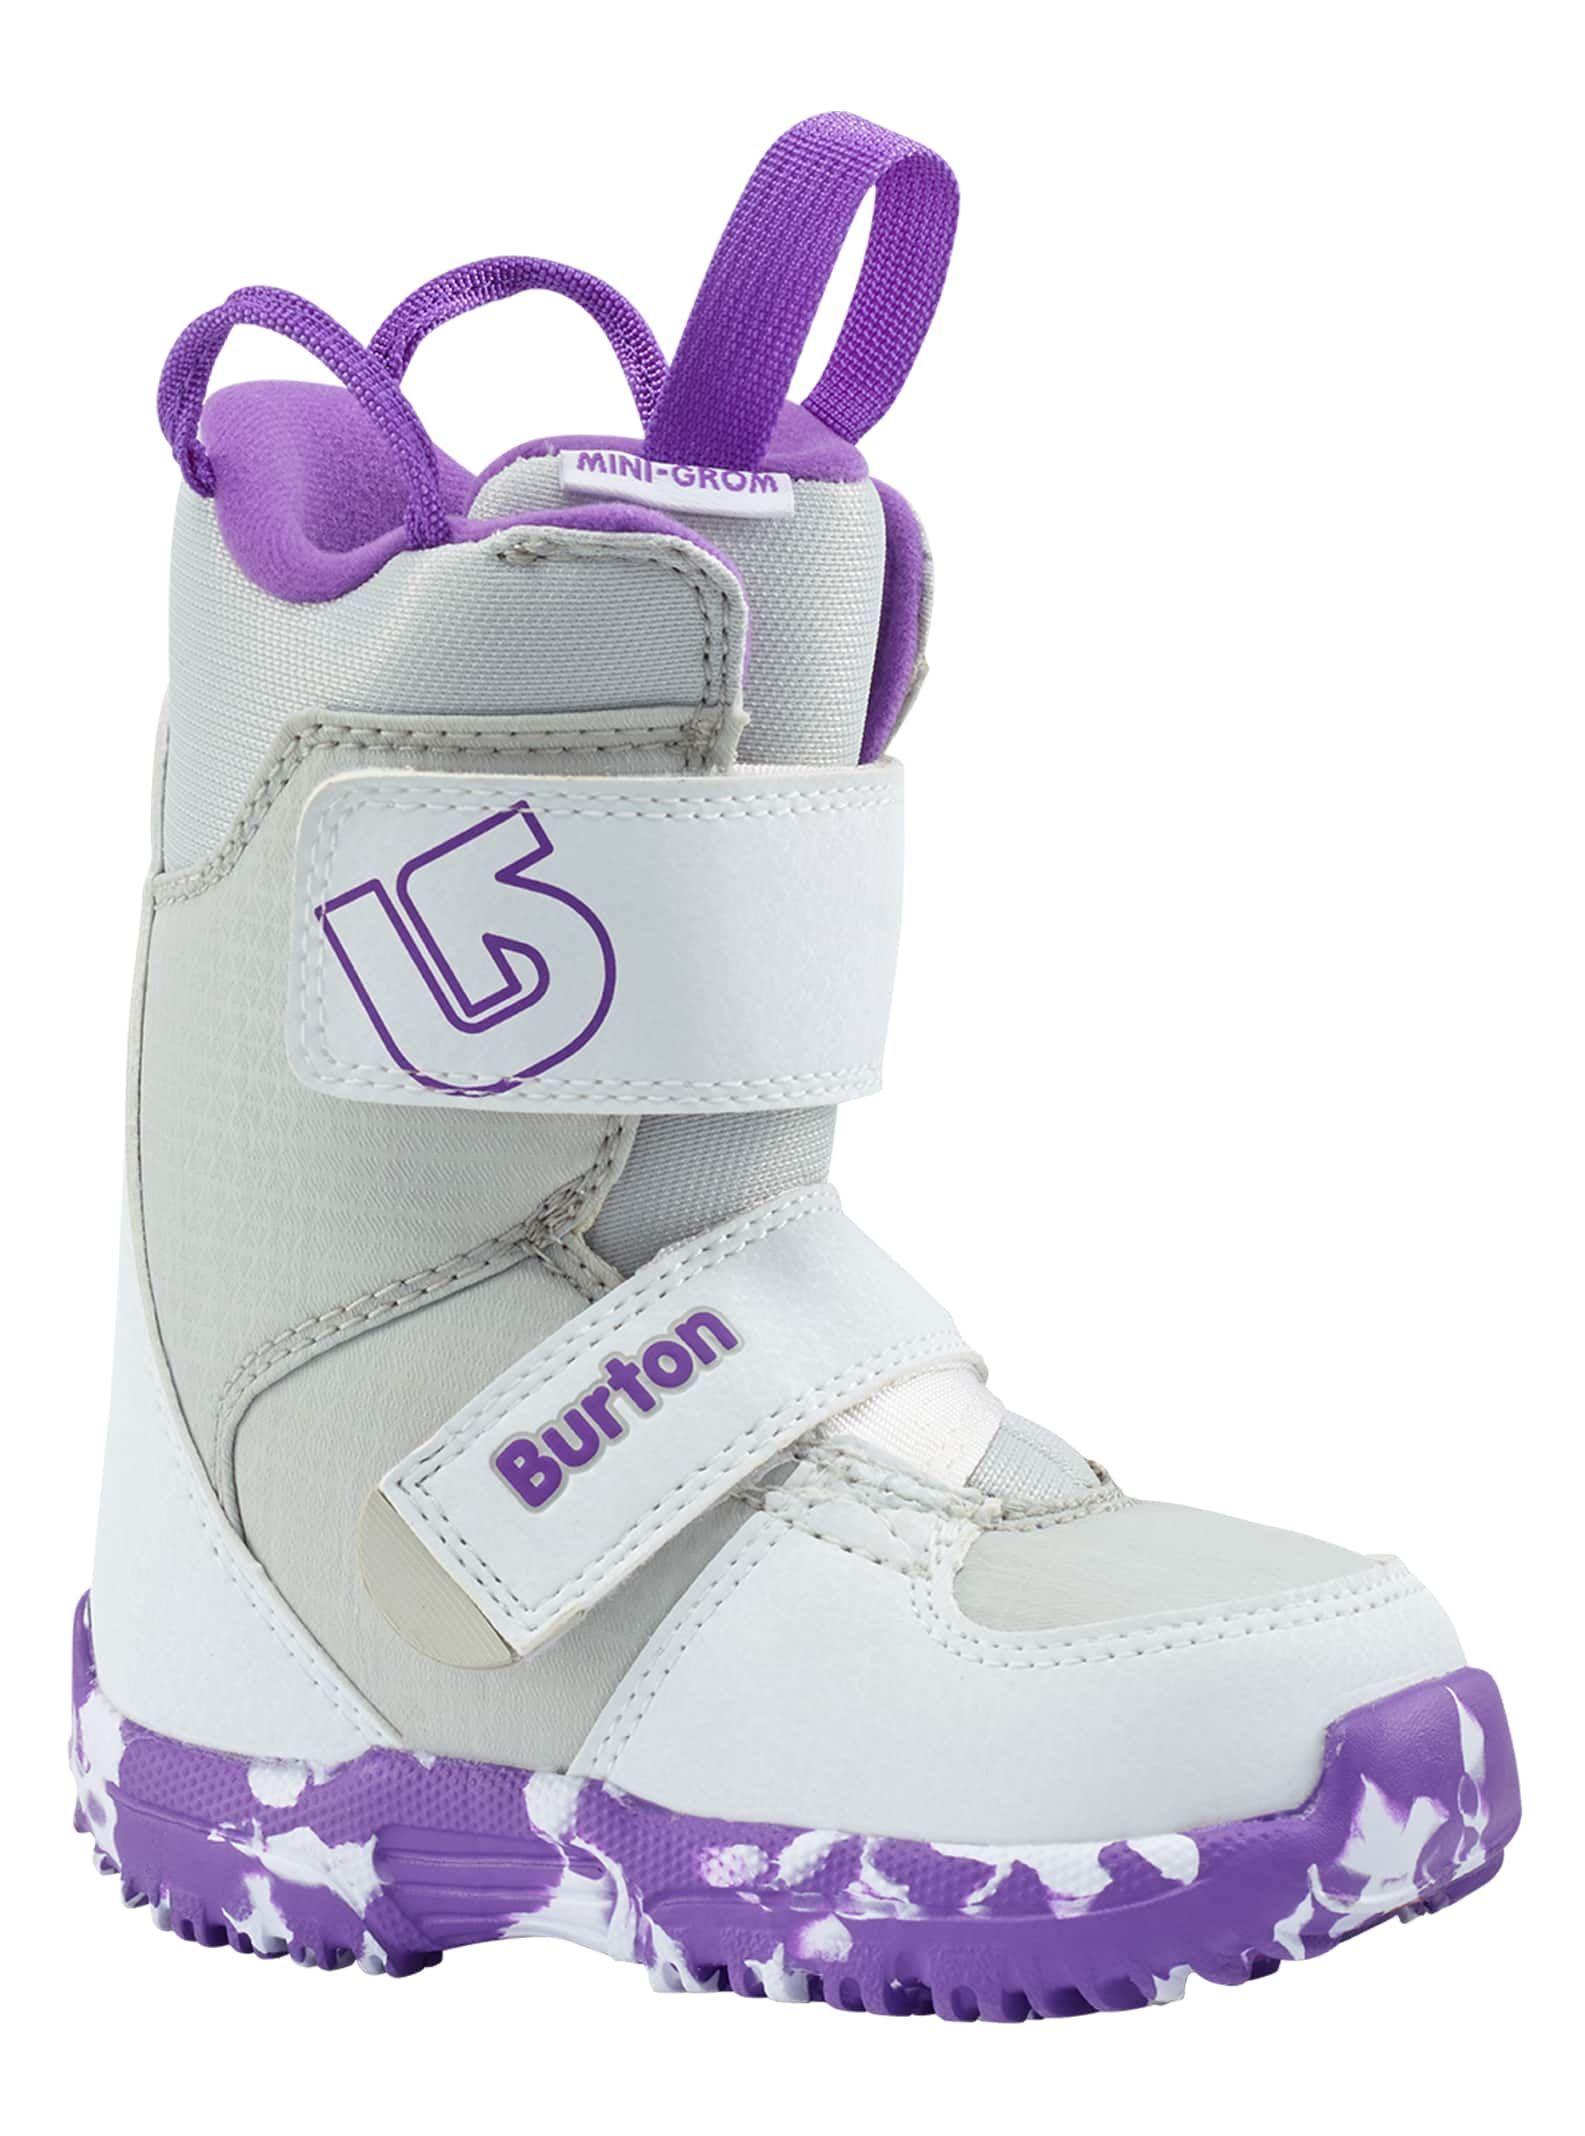 Burton Kinder Snowboard Boot Grom Boa 2019 Youth